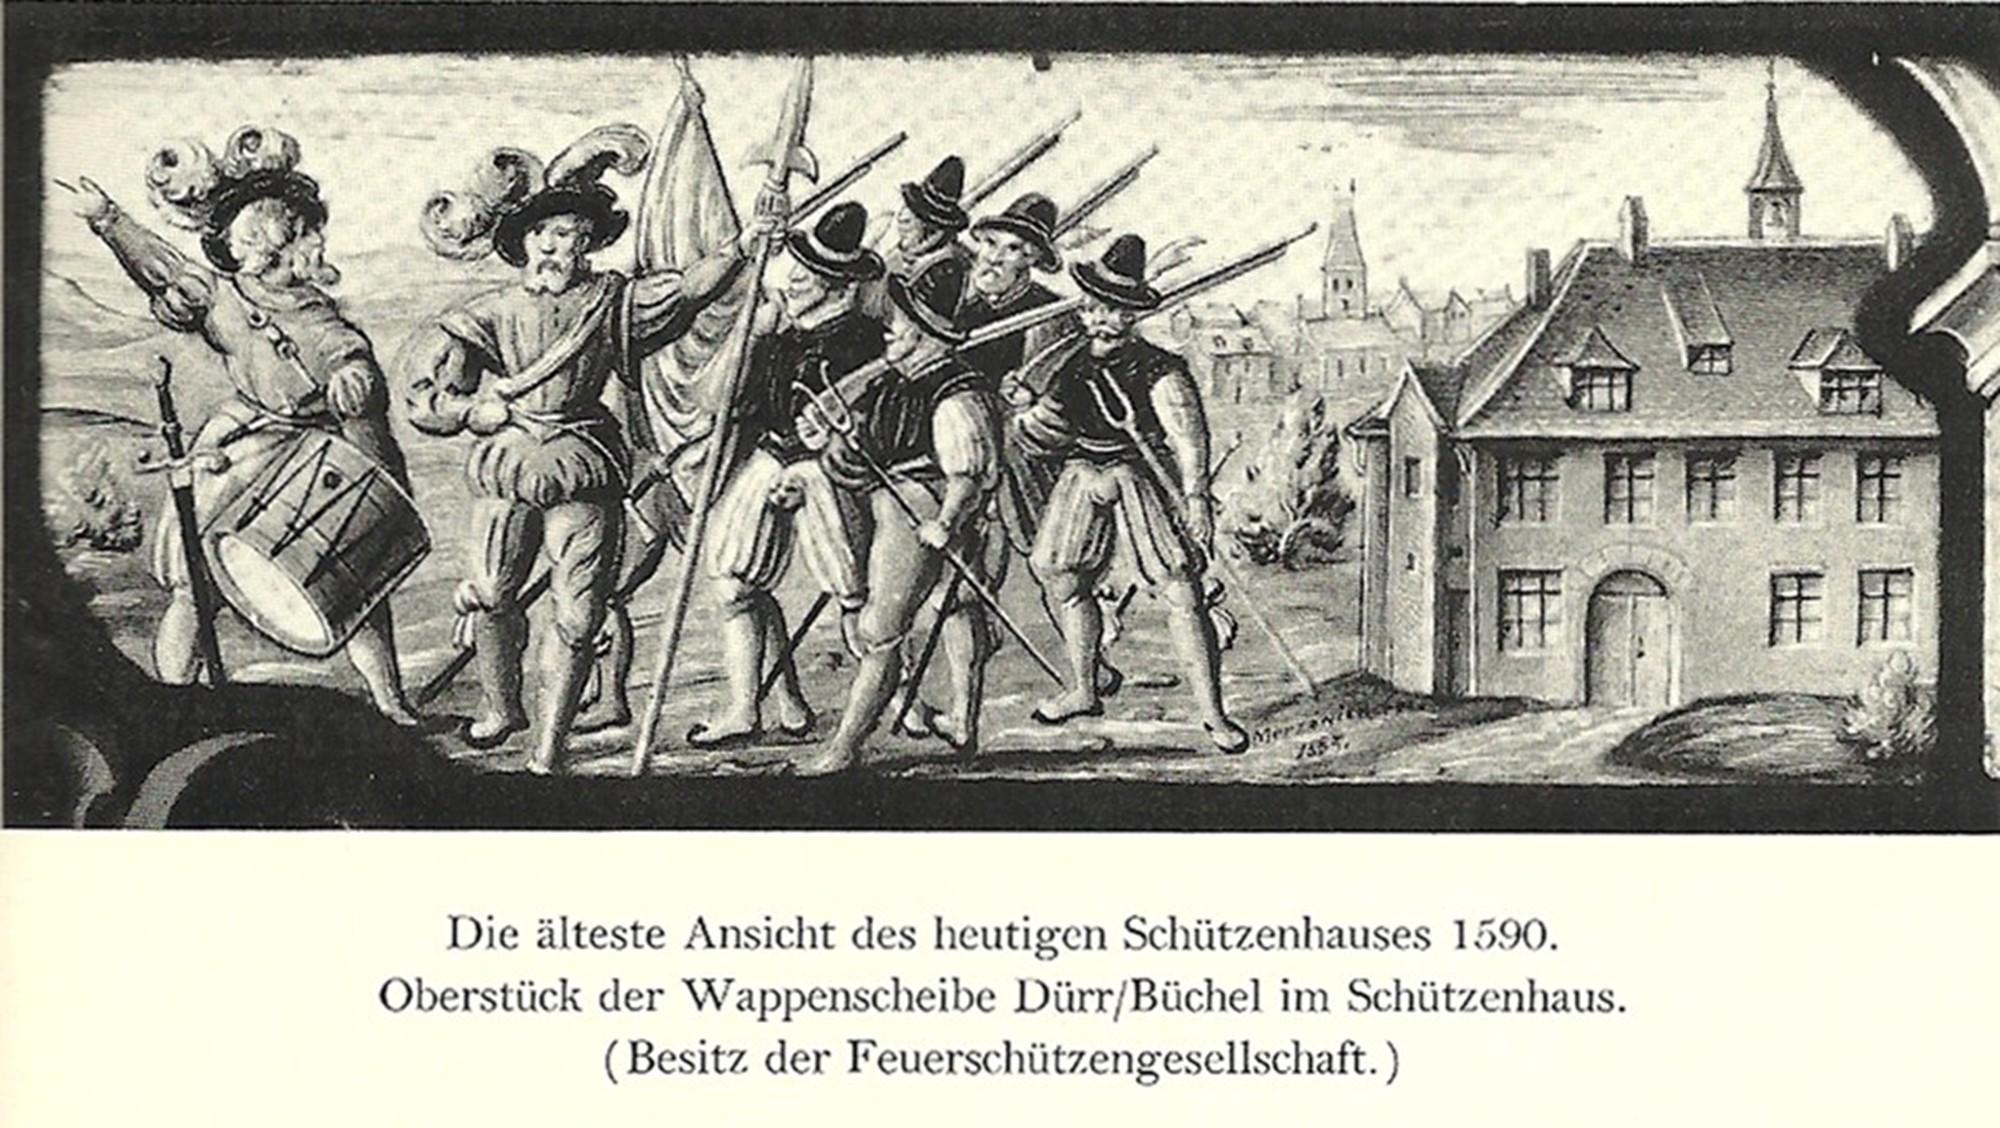 Schützenhaus um 1590